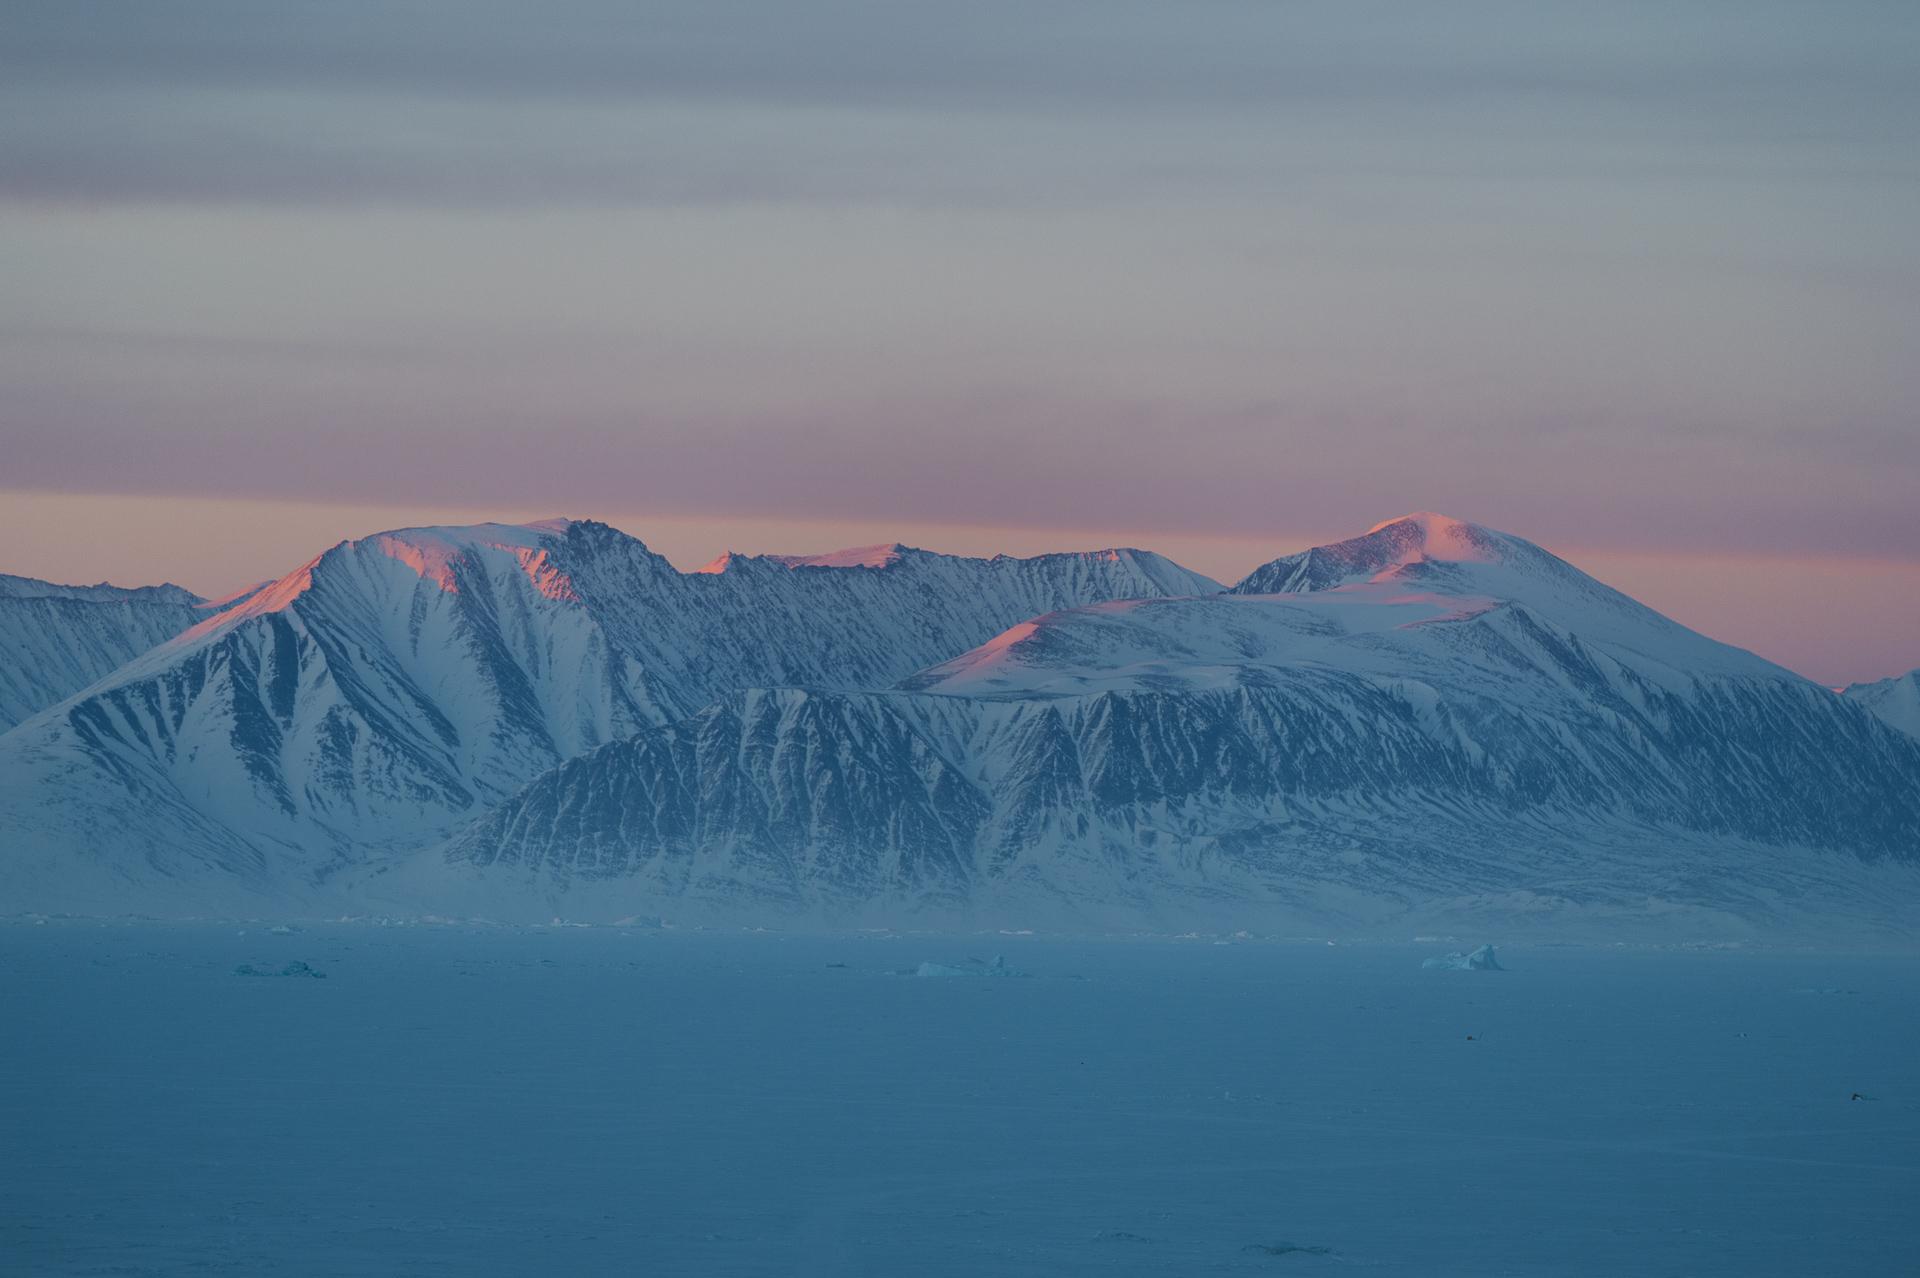 24.Defibaugh_Greenland_Illorsuit_c_3_30.jpg